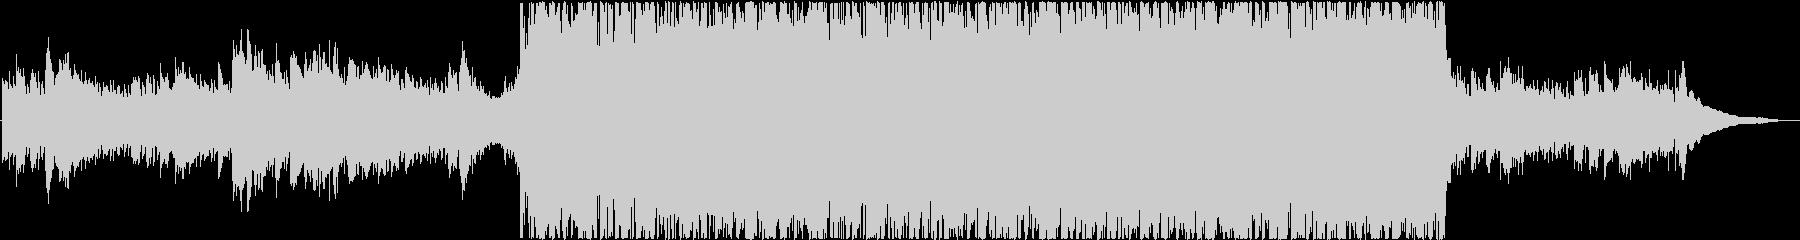 現代的 交響曲 コーポレート アク...の未再生の波形